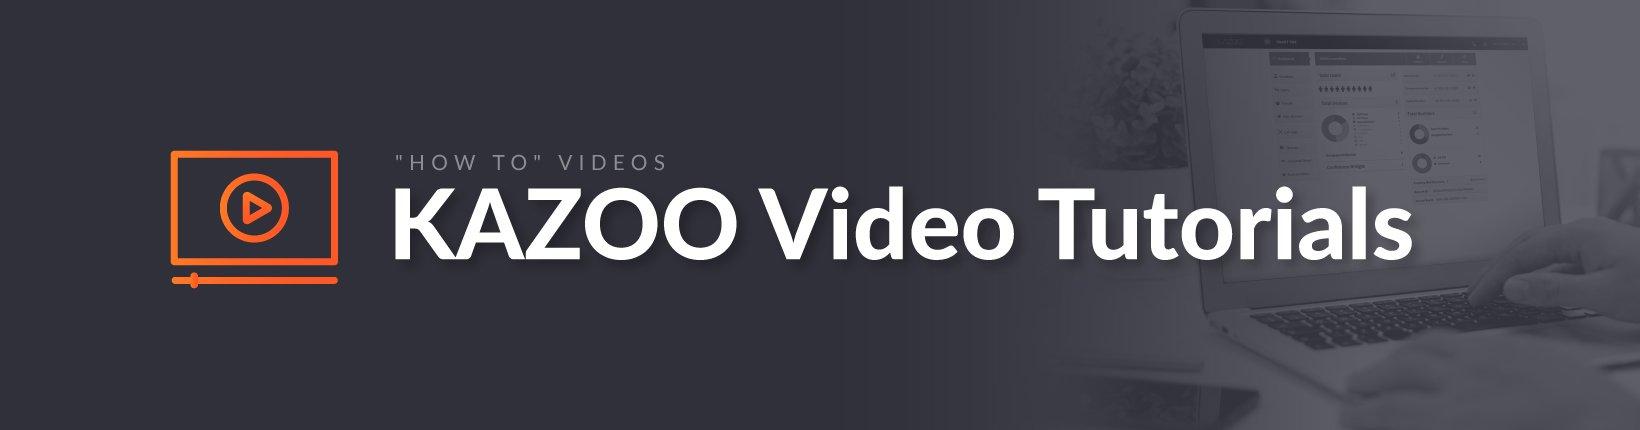 header-video-tutorials.jpg